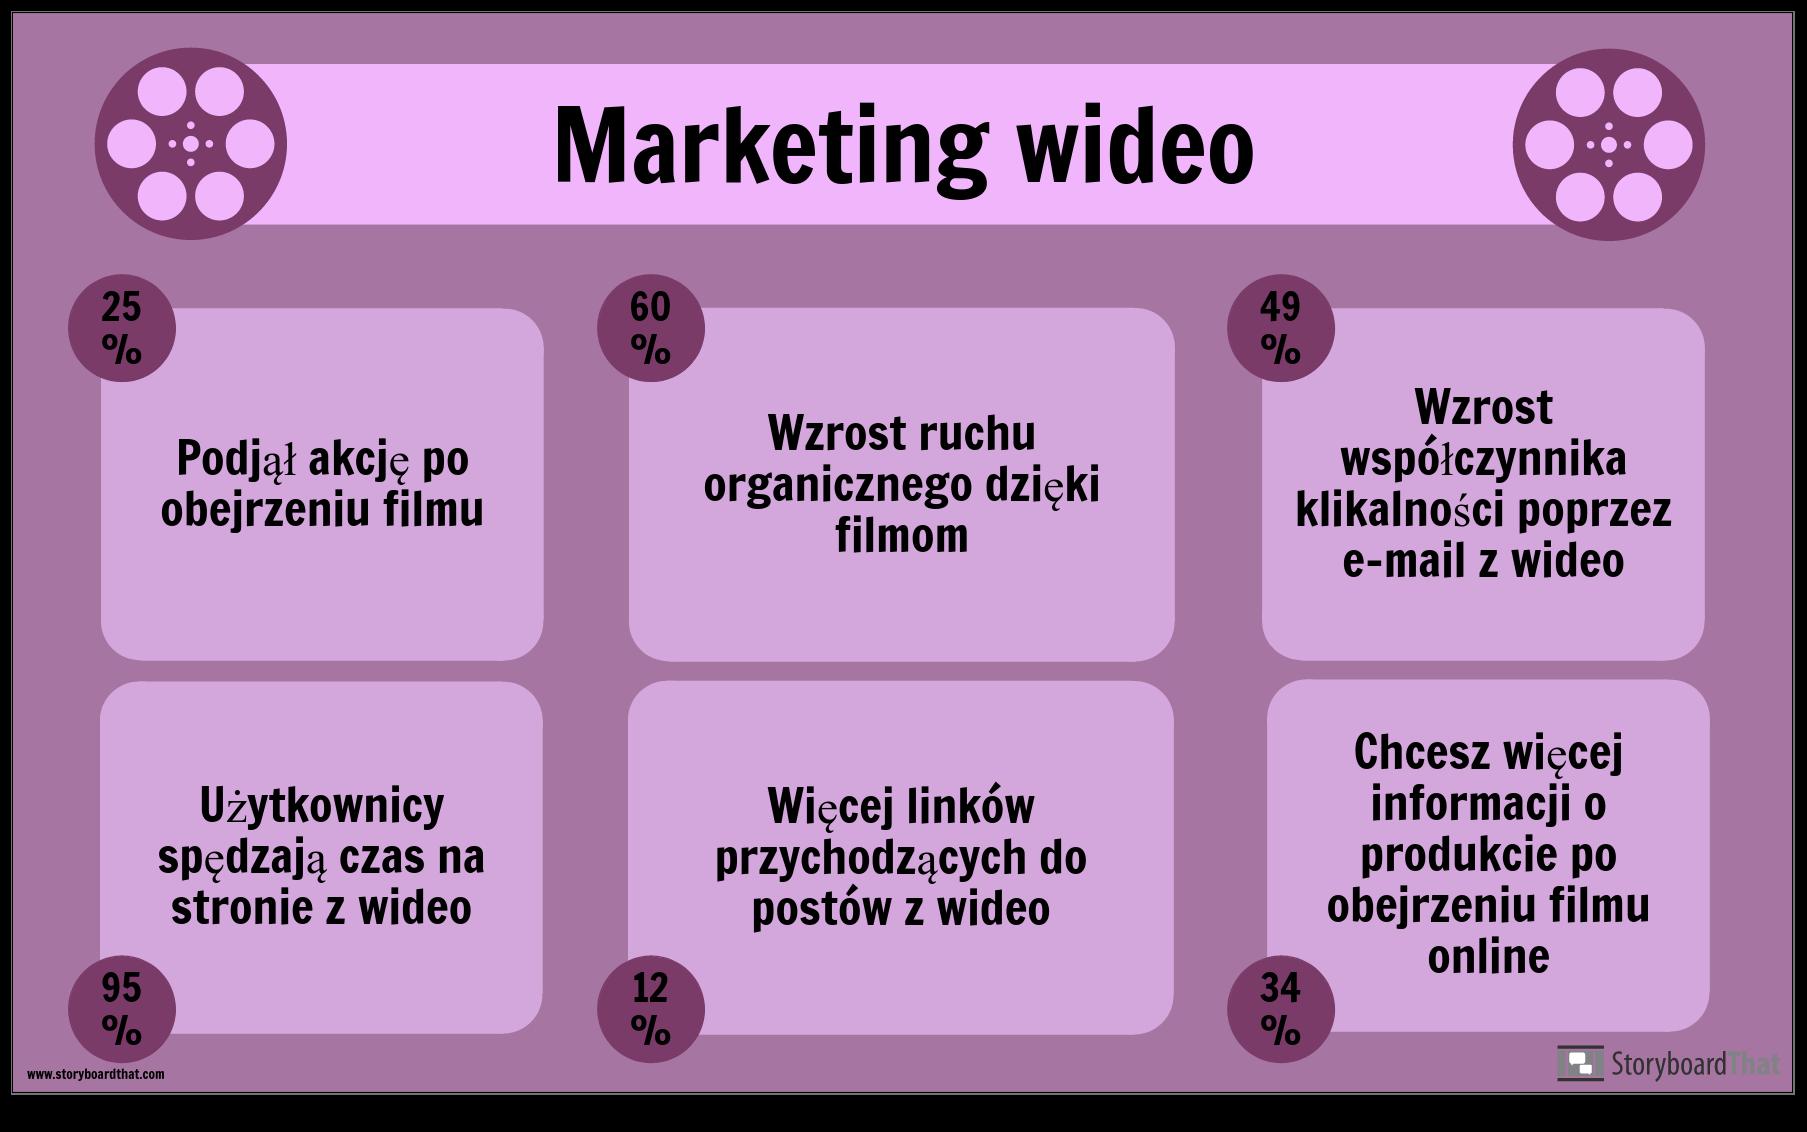 Przykład Marketingu Wideo